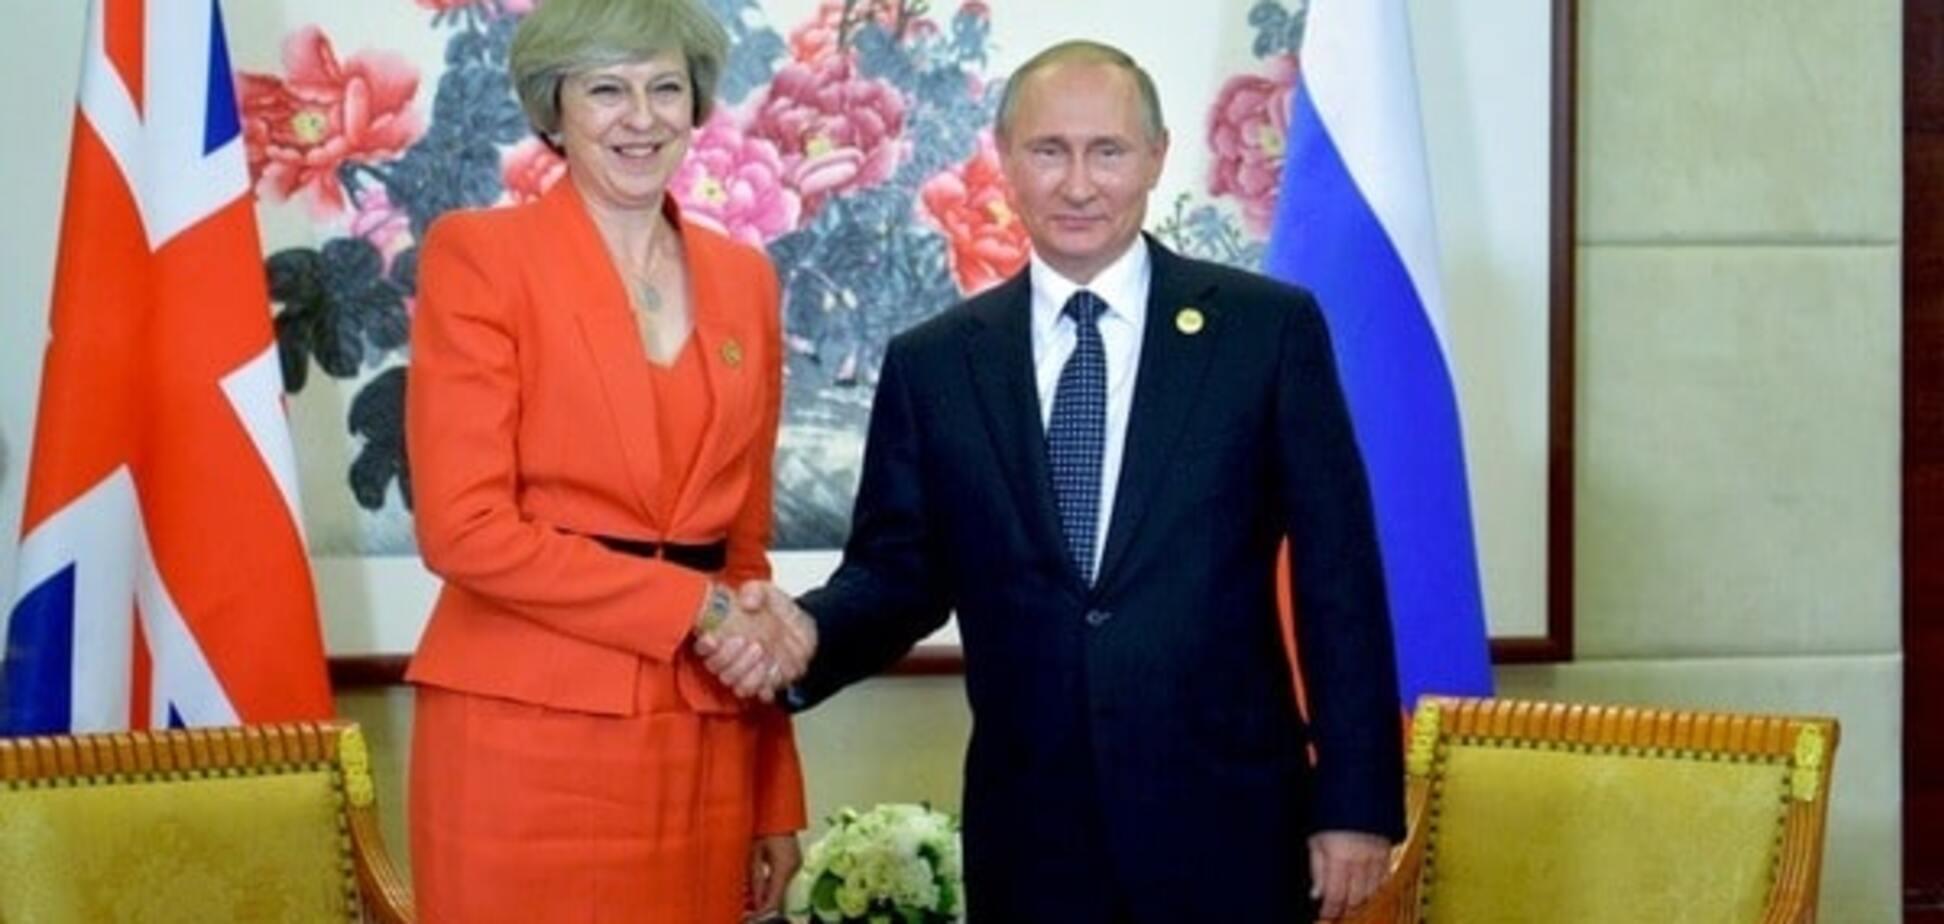 Мэй и Путин поговорили 'откровенно' после инцидента с рукопожатием